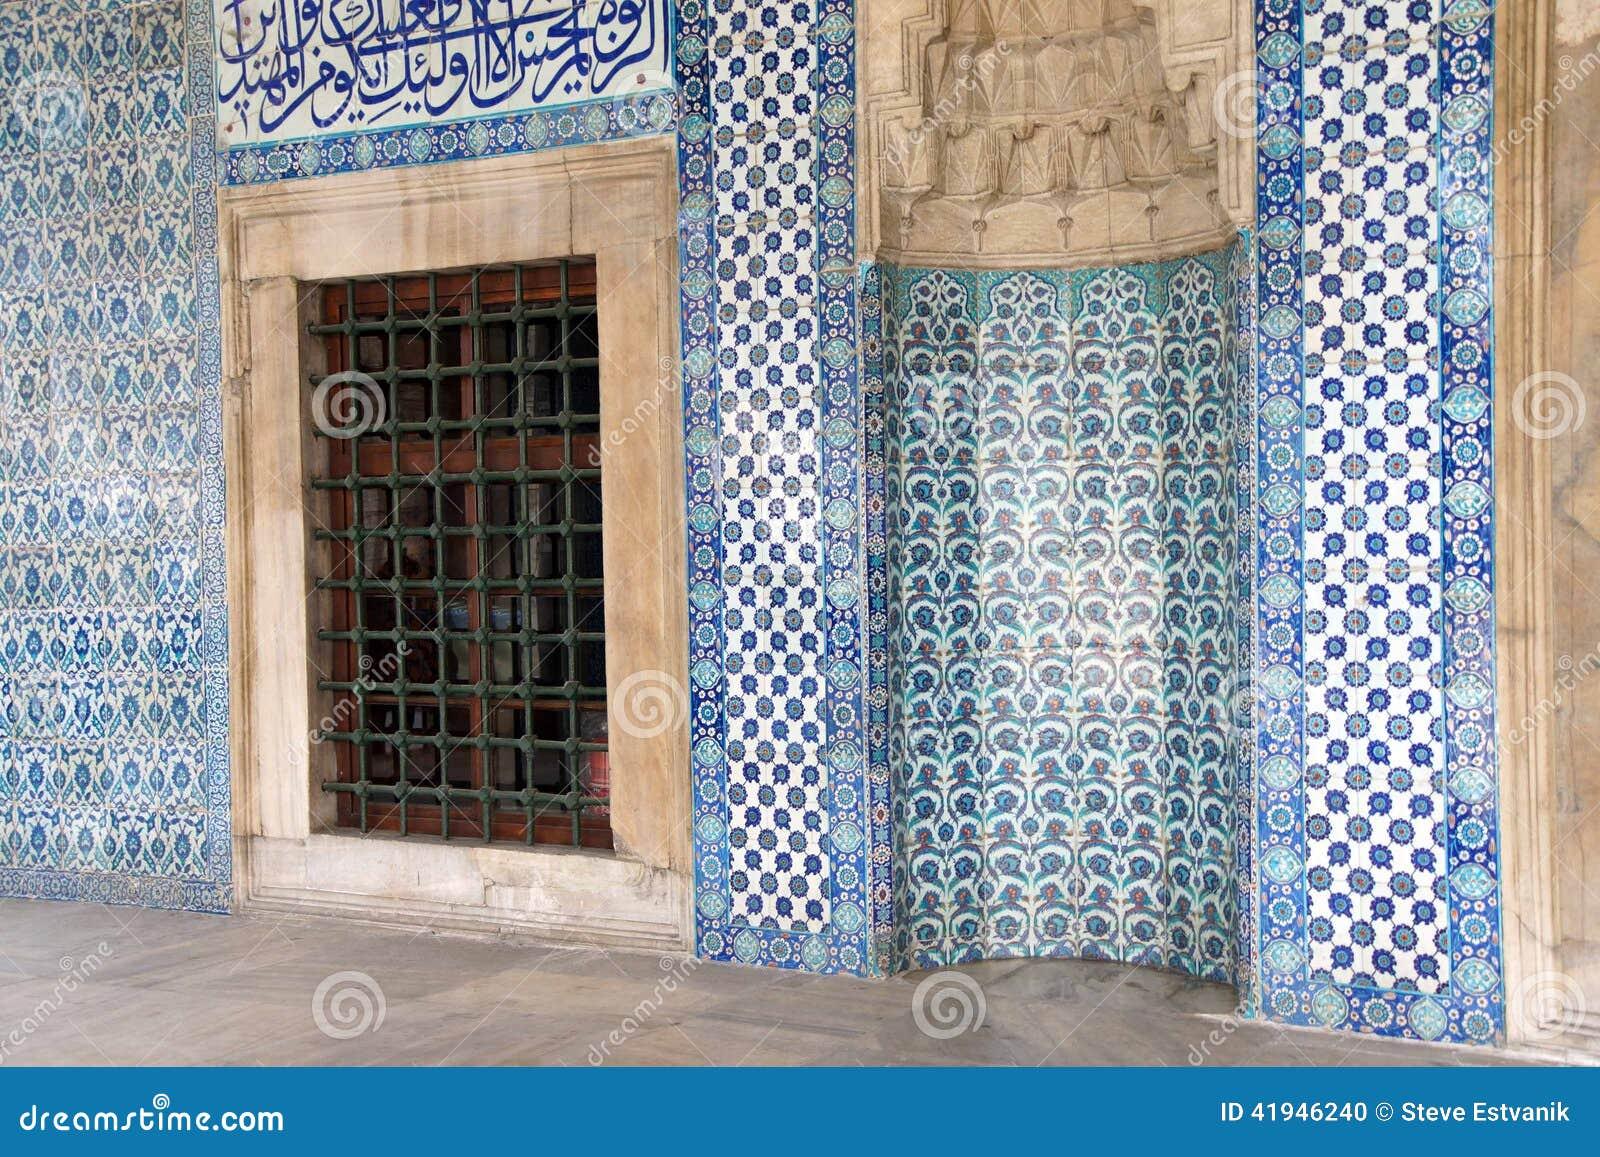 mosaicos que cubren las paredes exteriores foto de archivo